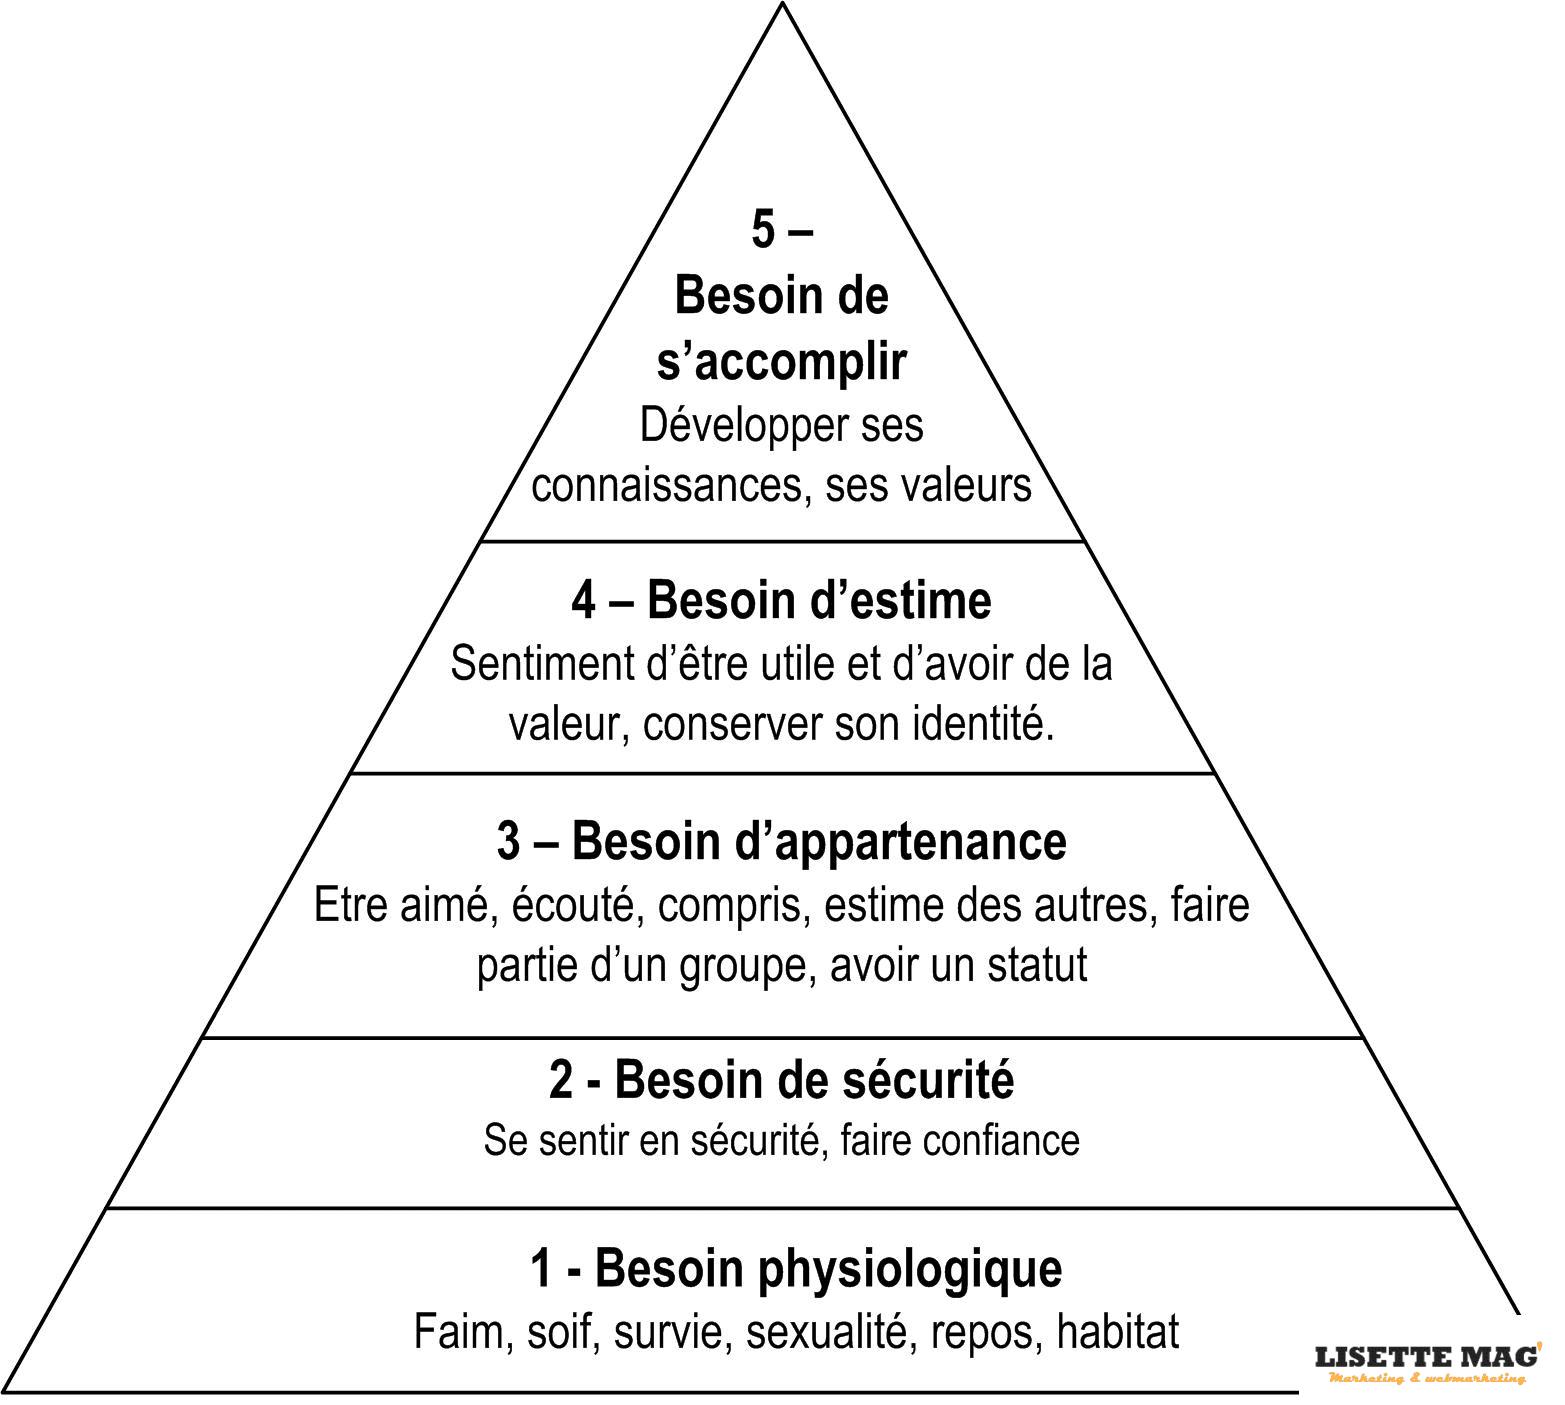 La Pyramide de Maslow - rapport entre besoins et motivations